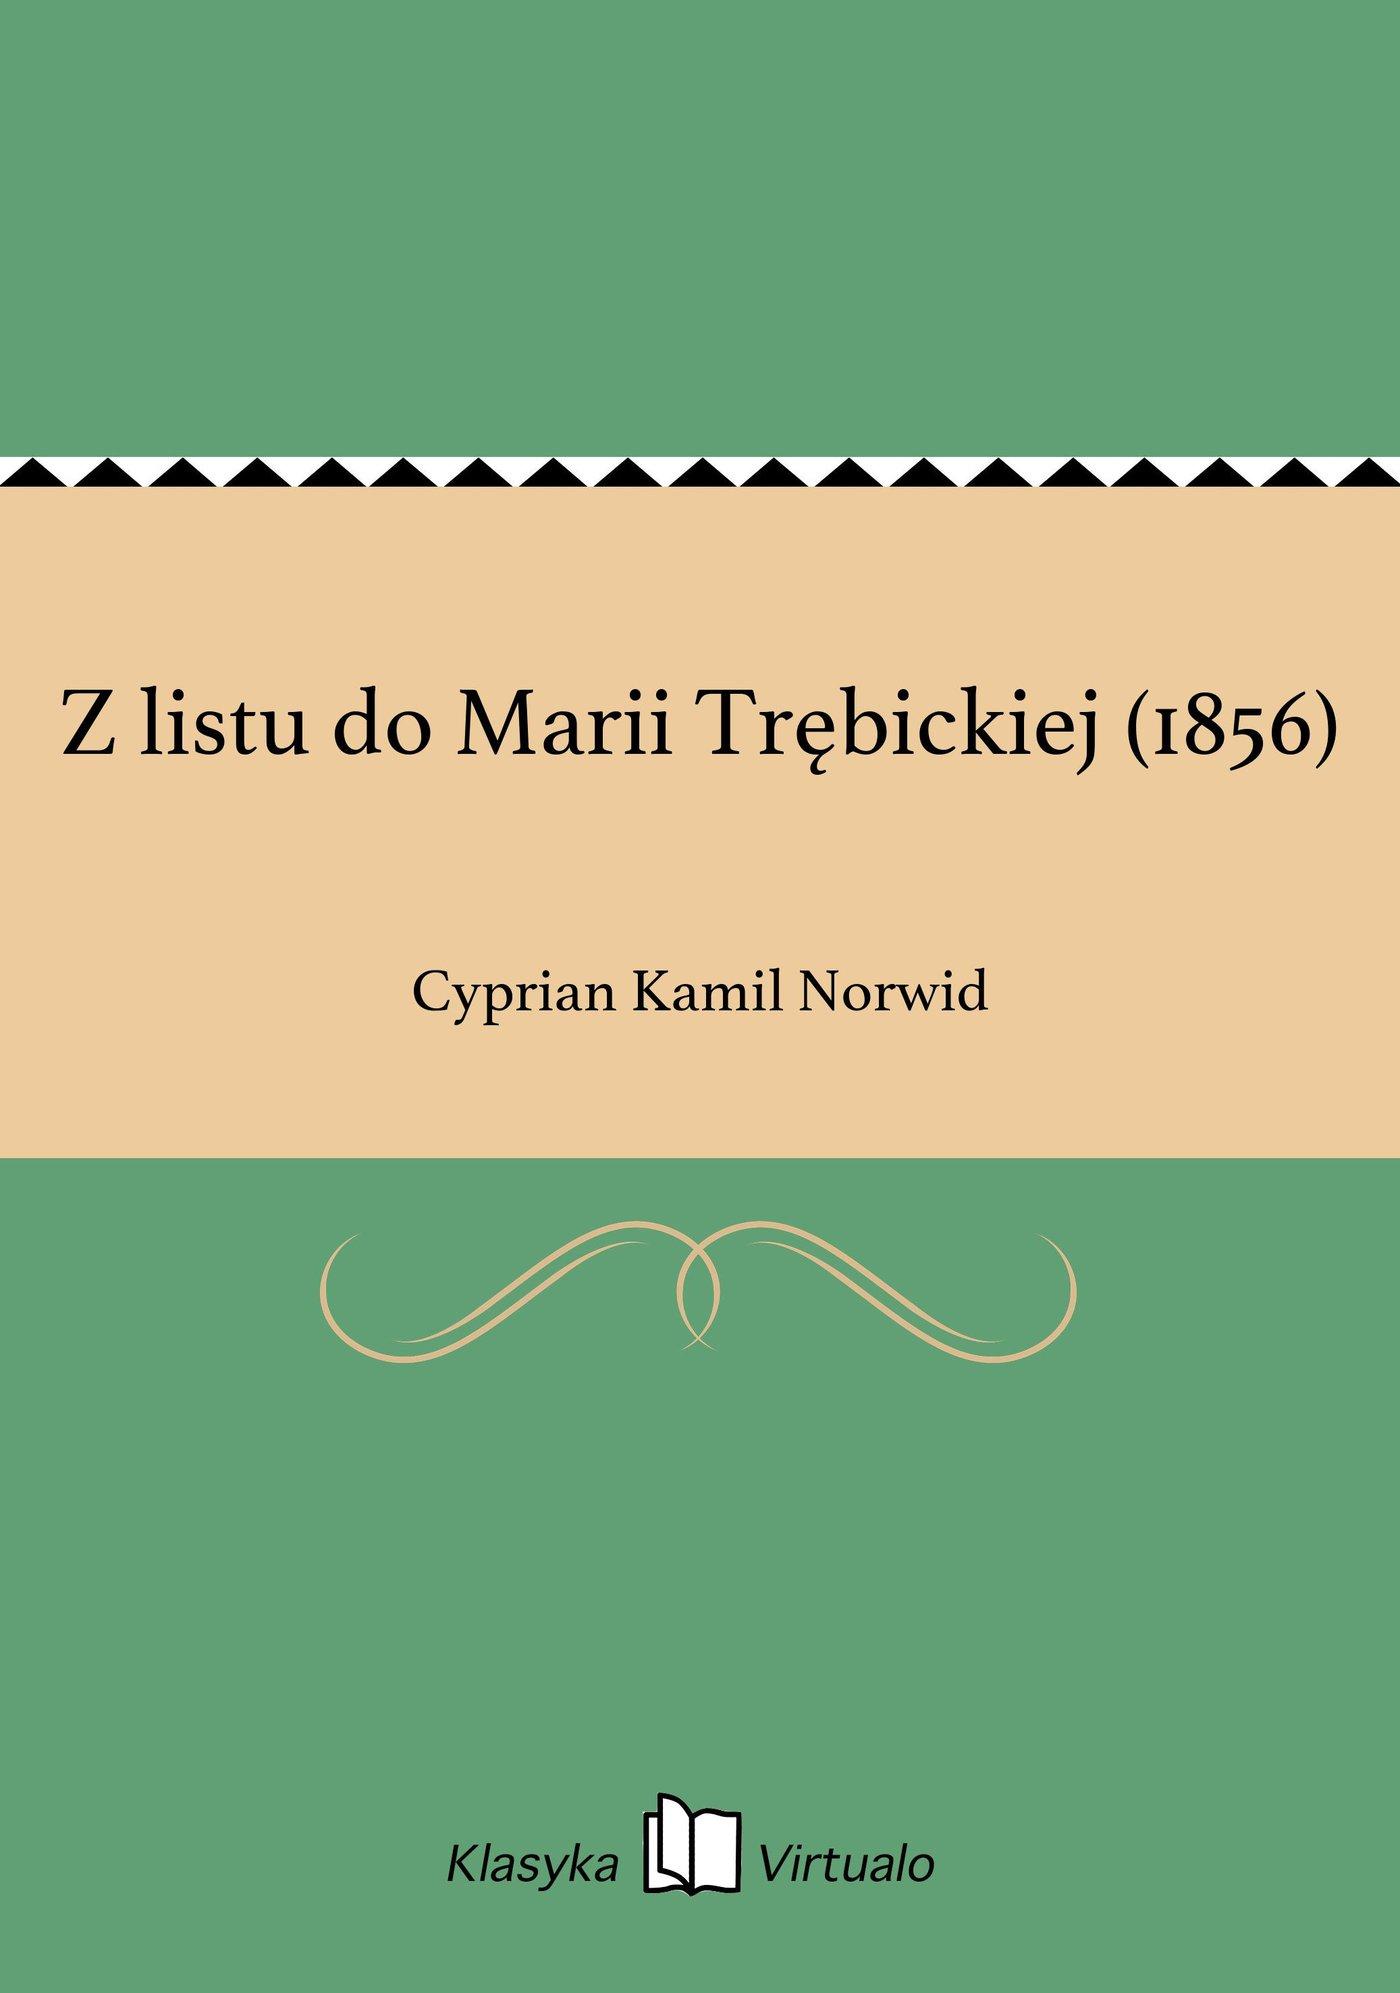 Z listu do Marii Trębickiej (1856) - Ebook (Książka EPUB) do pobrania w formacie EPUB